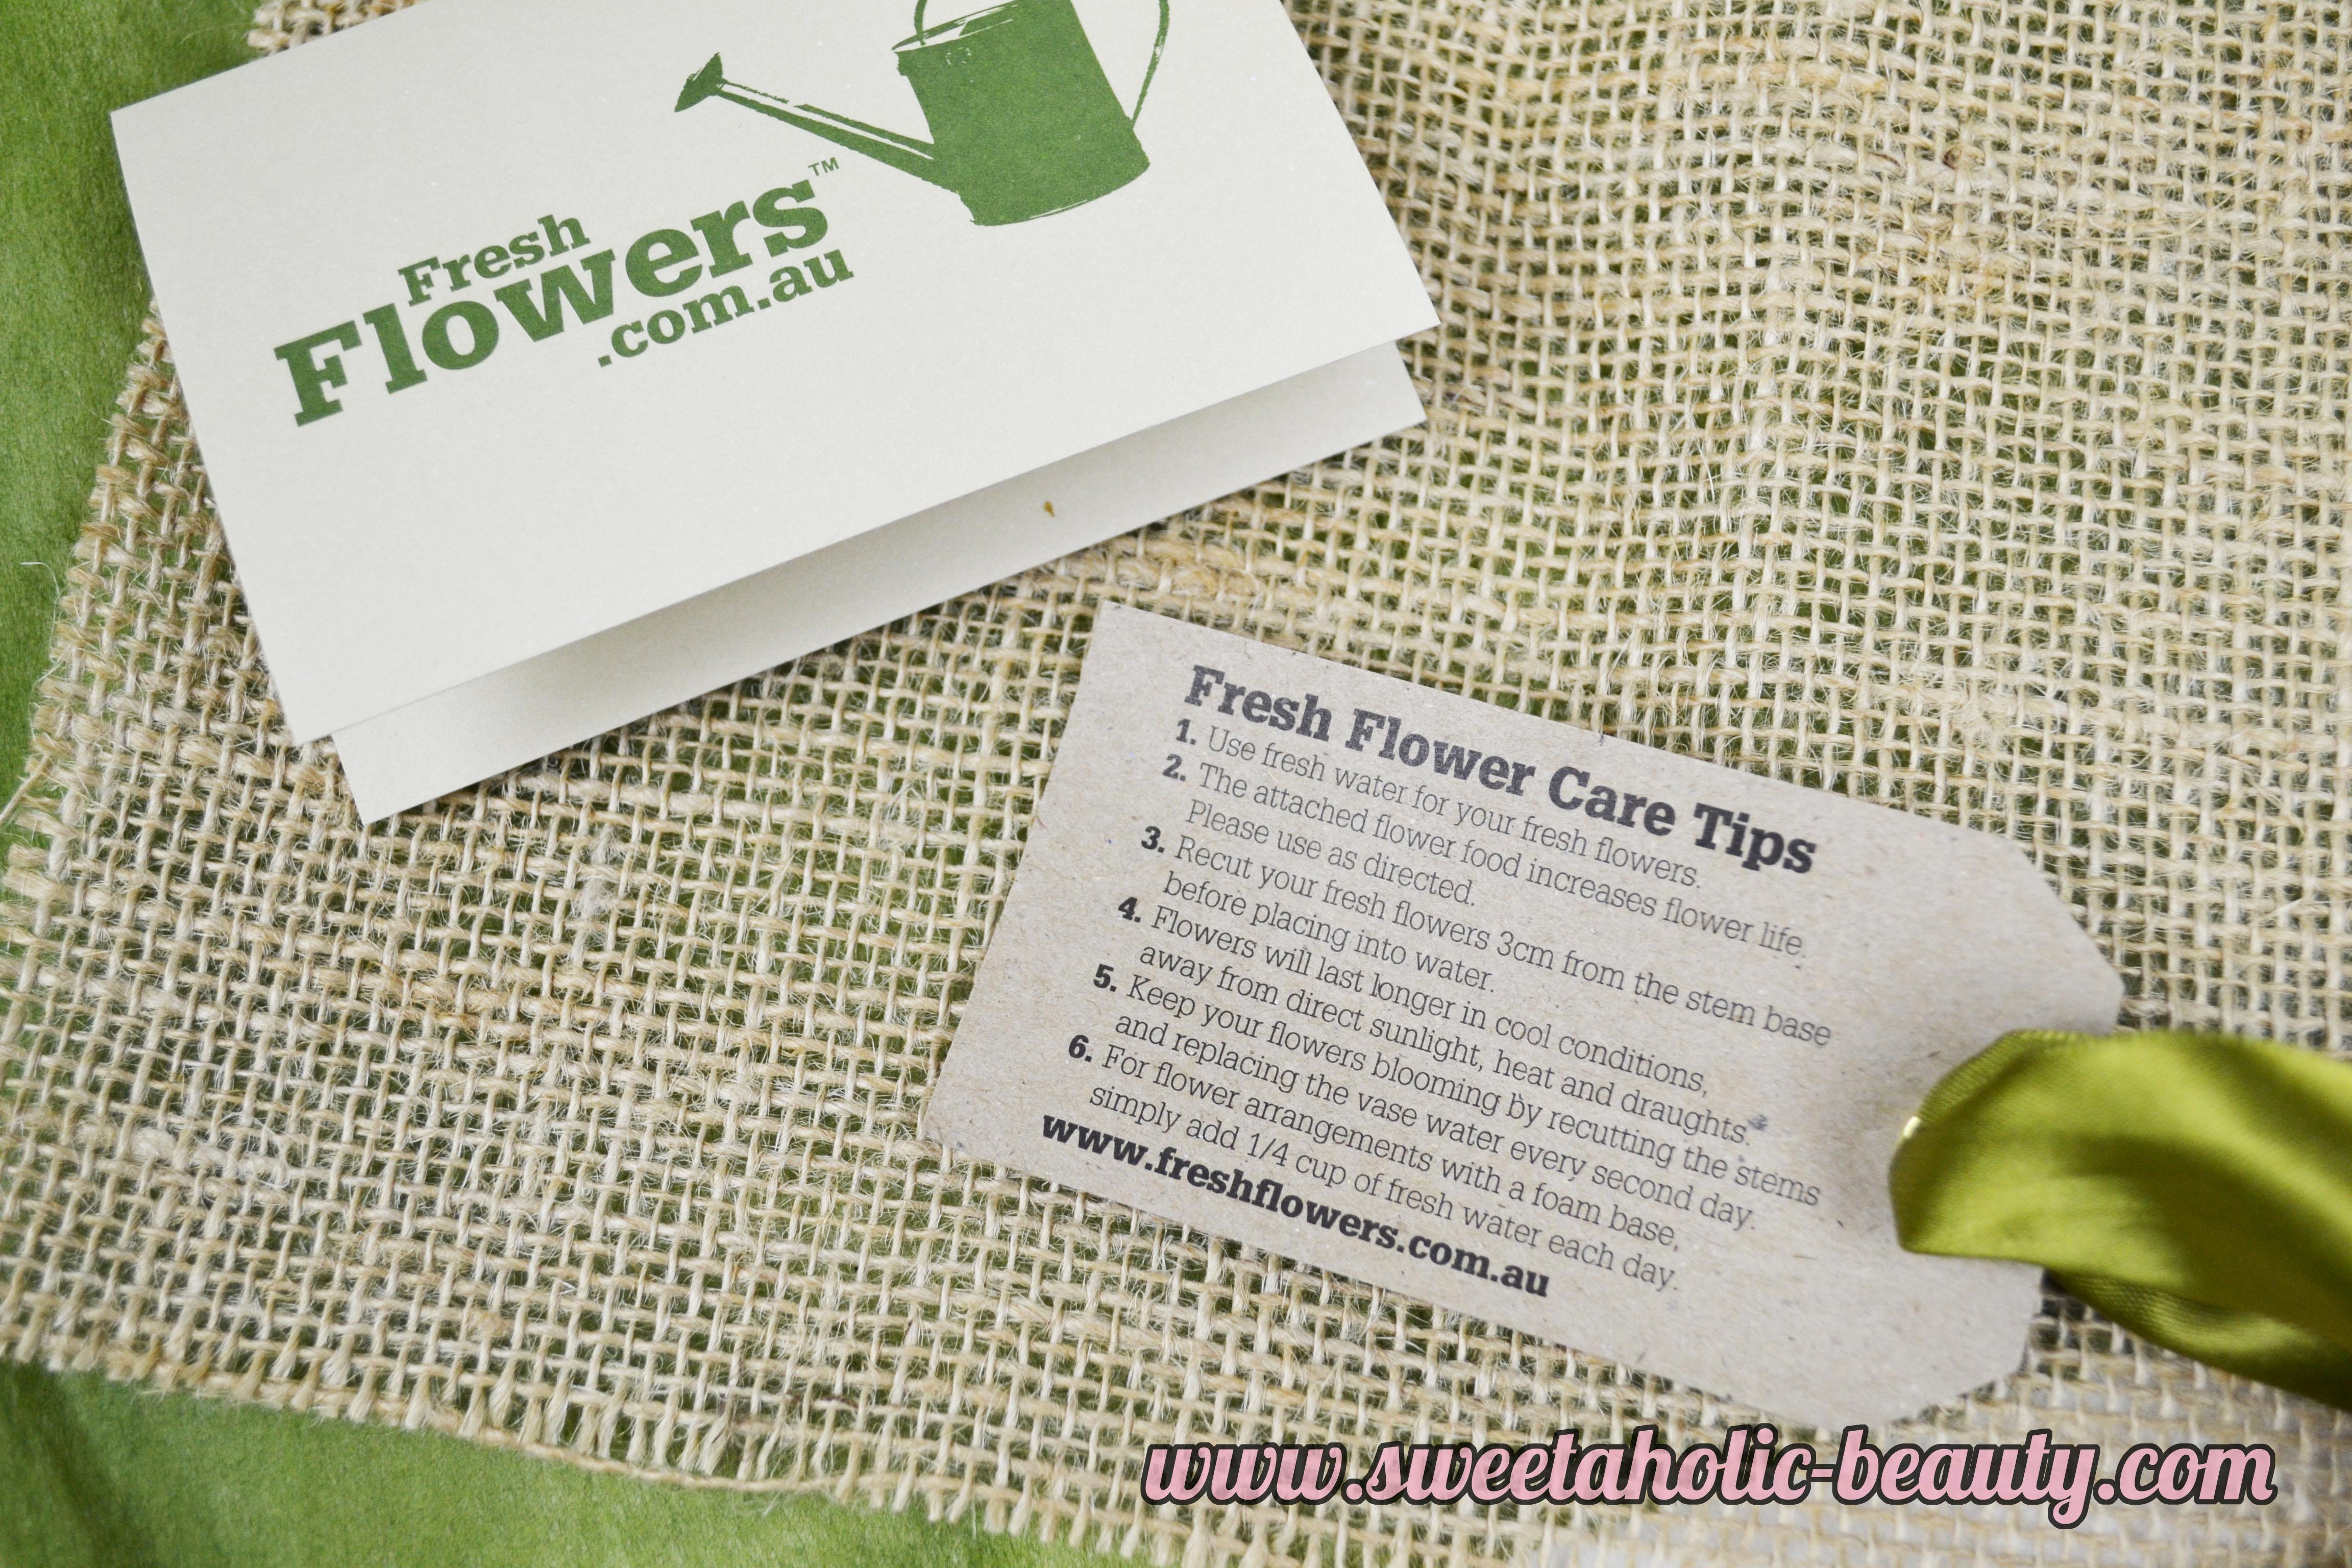 FreshFlowers.com.au Review - Sweetaholic Beauty